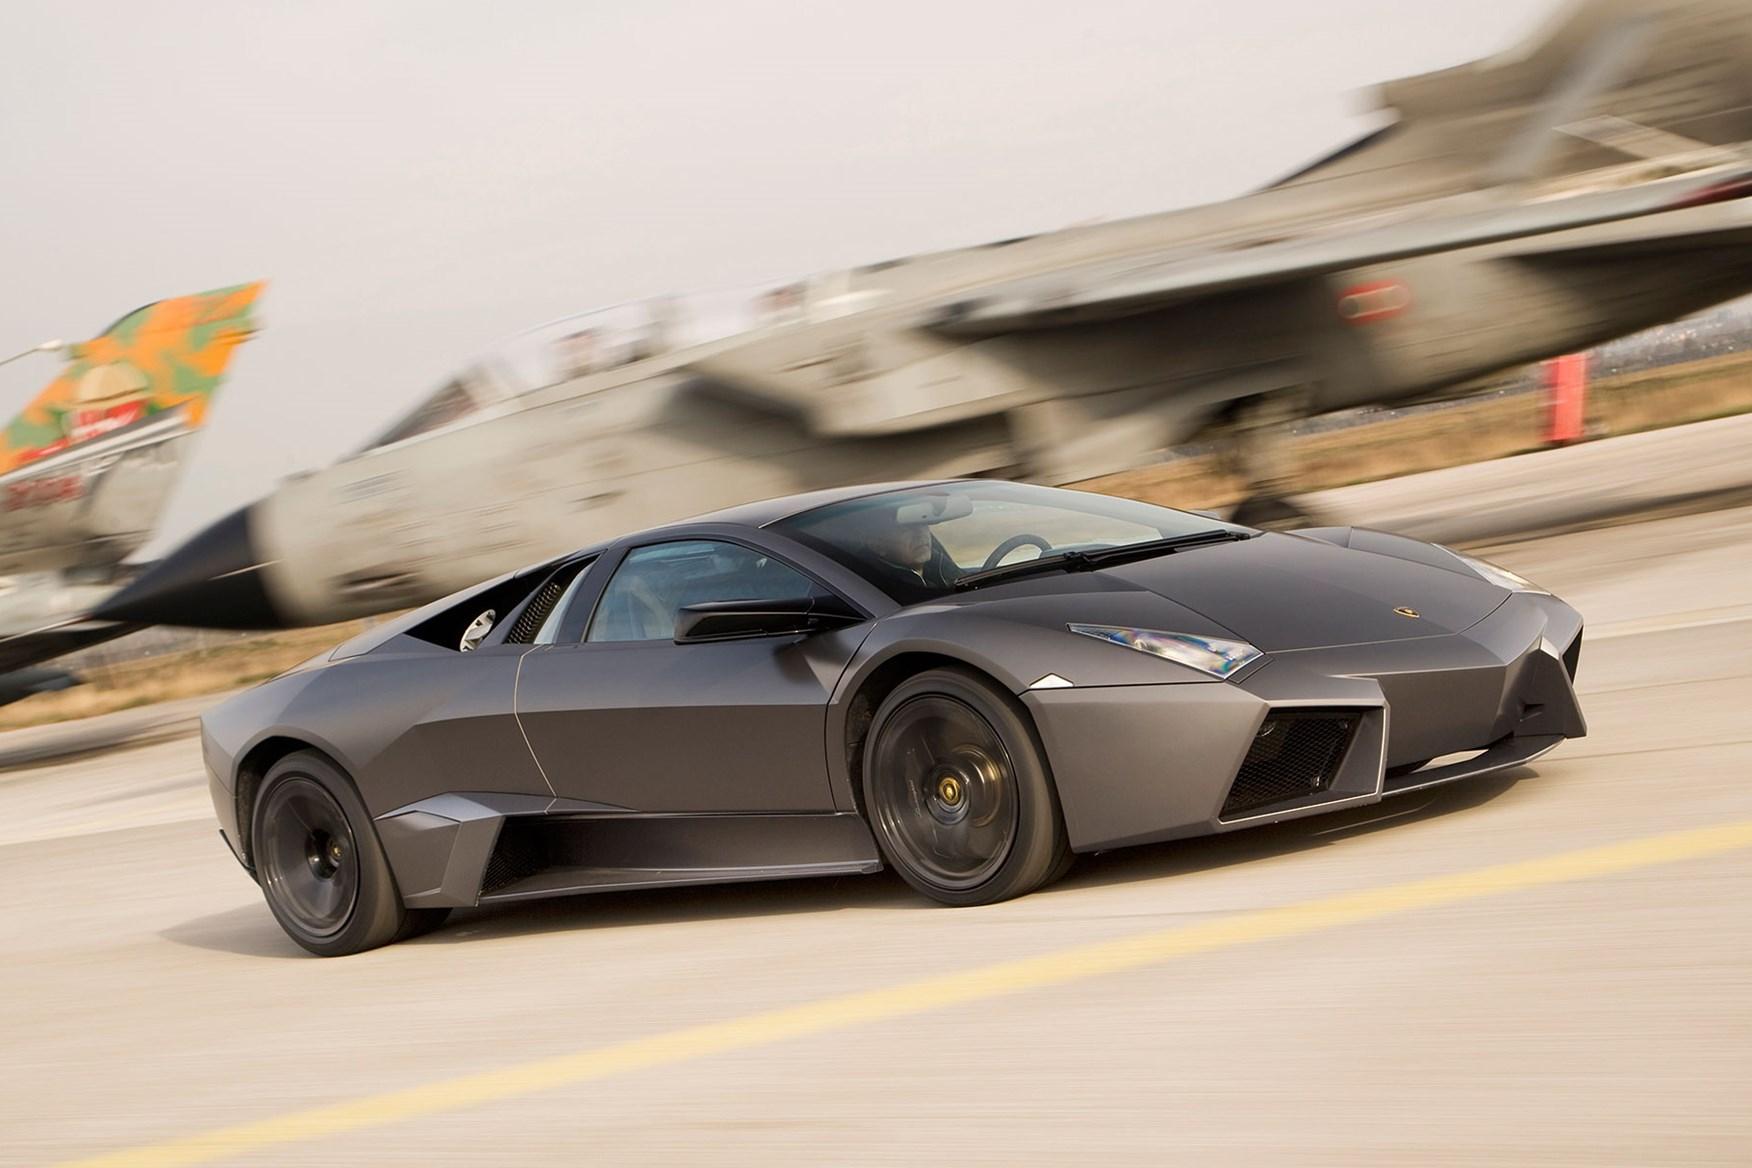 ... Lamborghini Countach Lamborghini Reventon